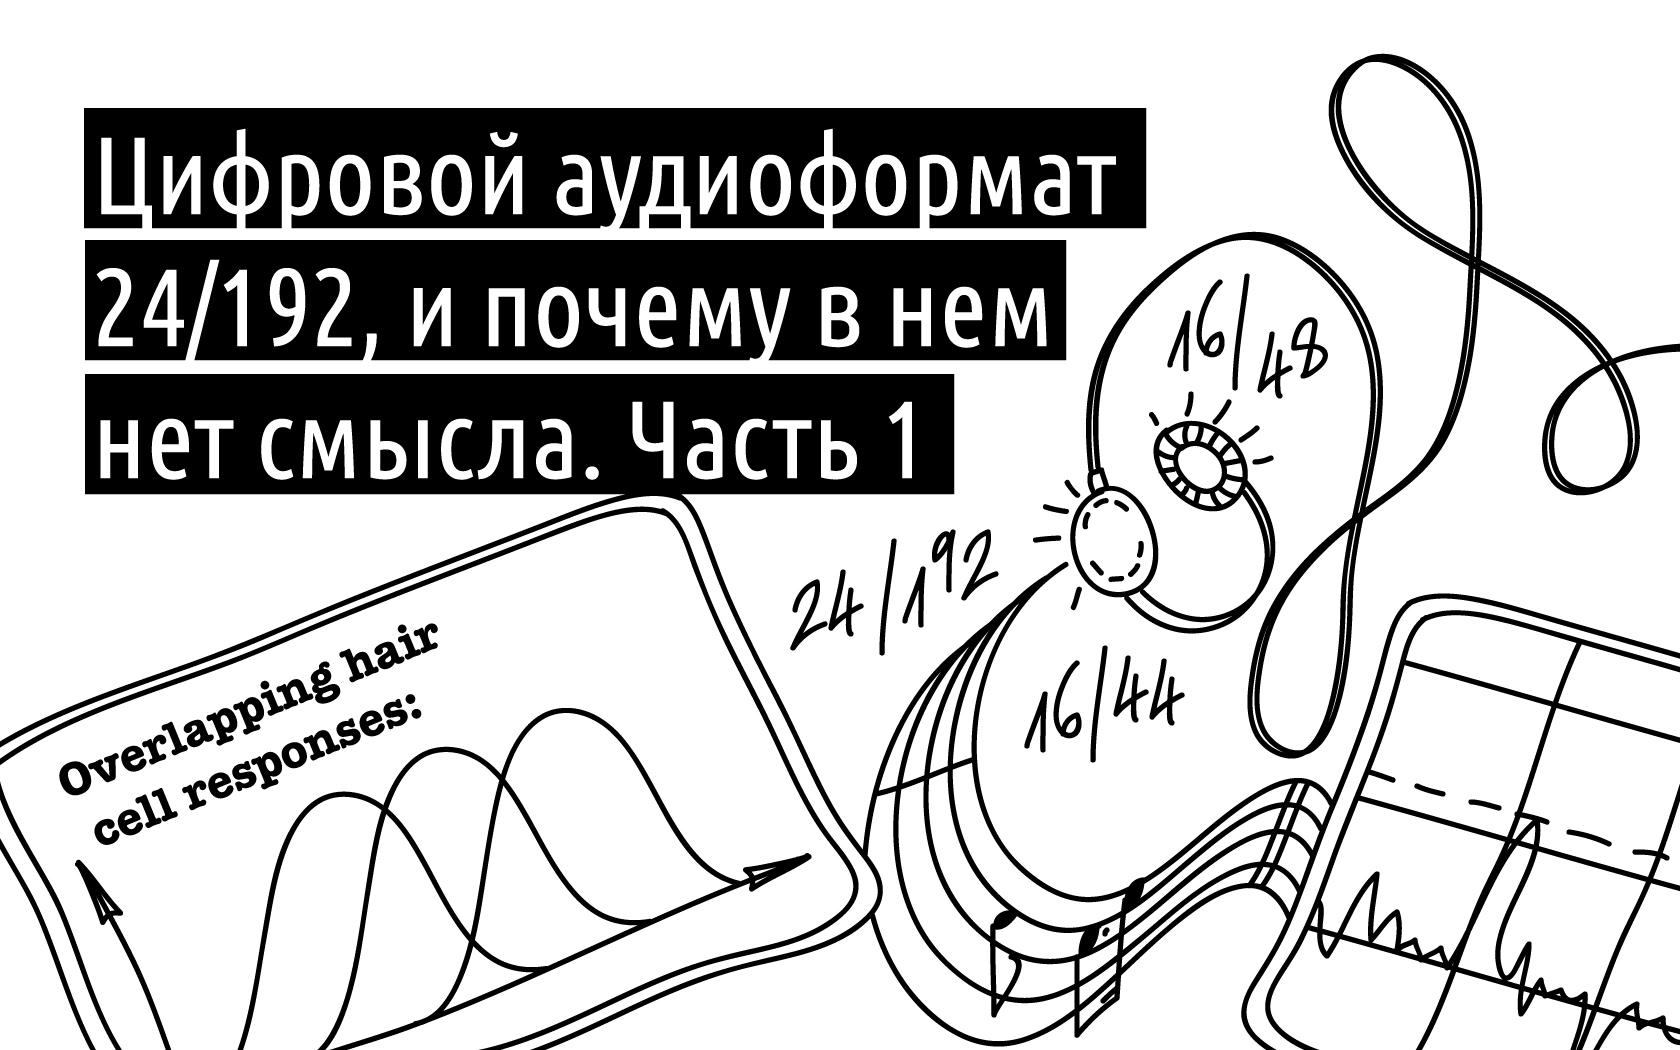 Цифровой аудиоформат 24-192 и почему в нем нет смысла. Часть 1 - 1